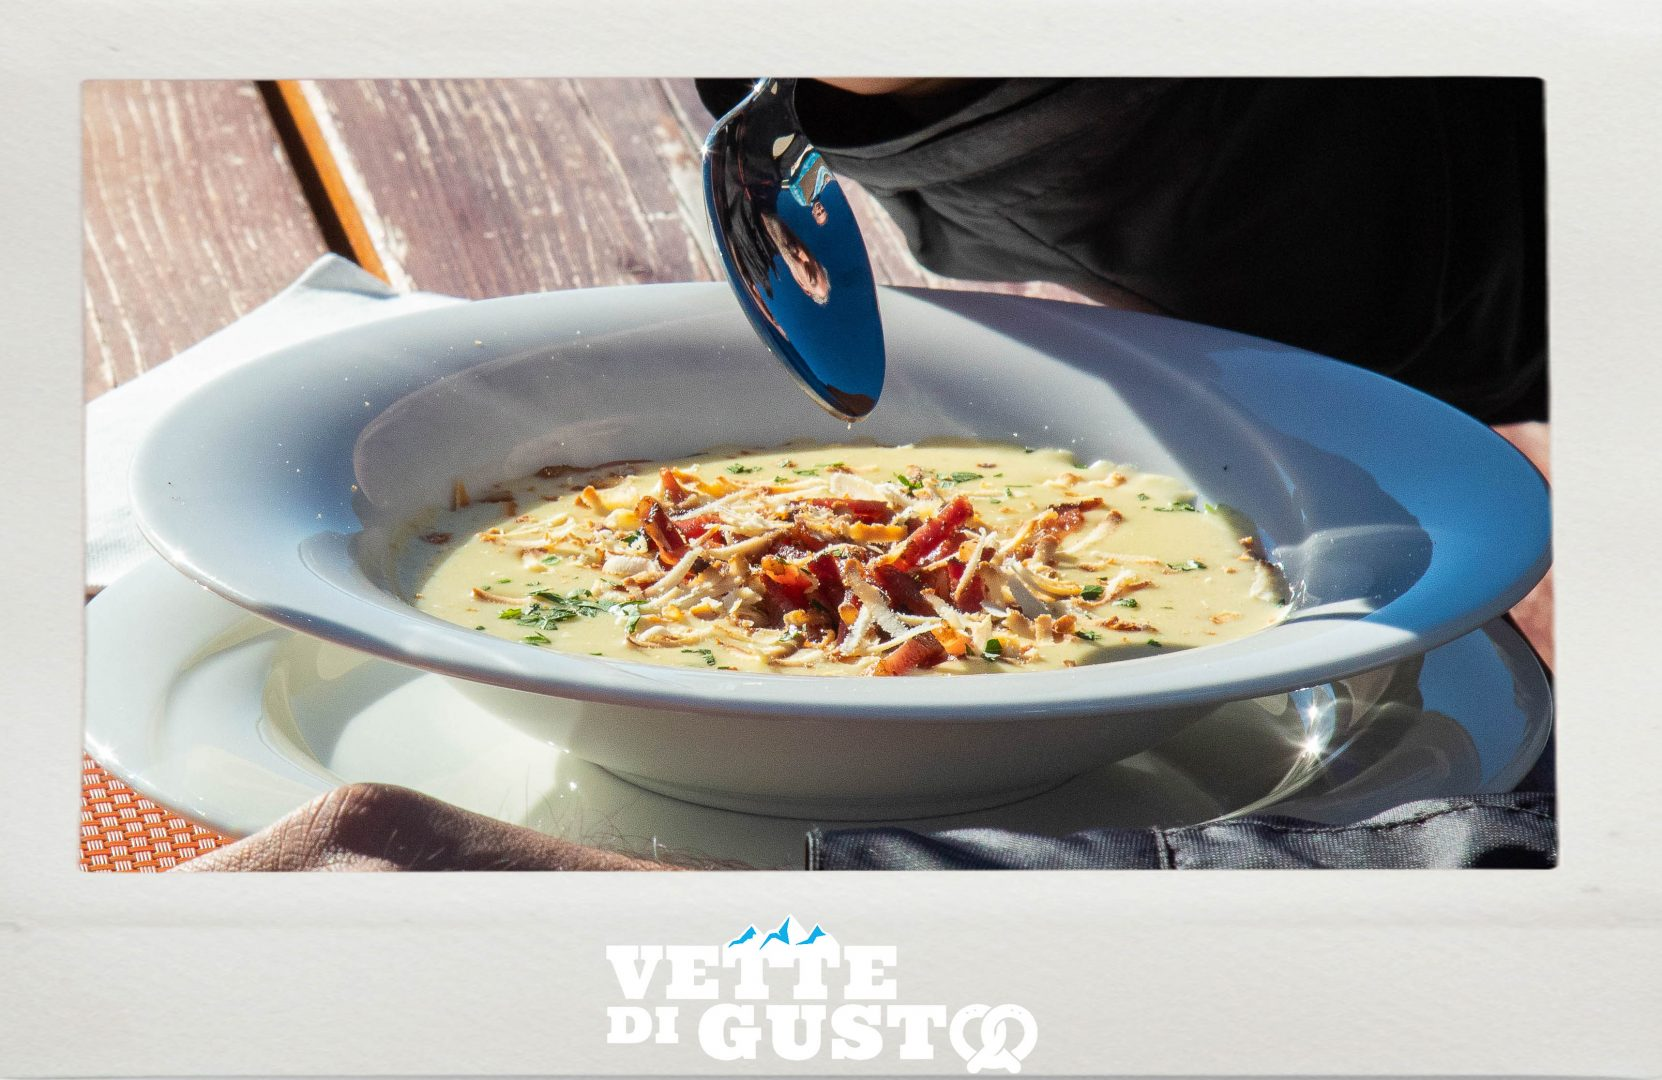 Vette di Gusto - Canazei - Crema di patate con speck e ricotta